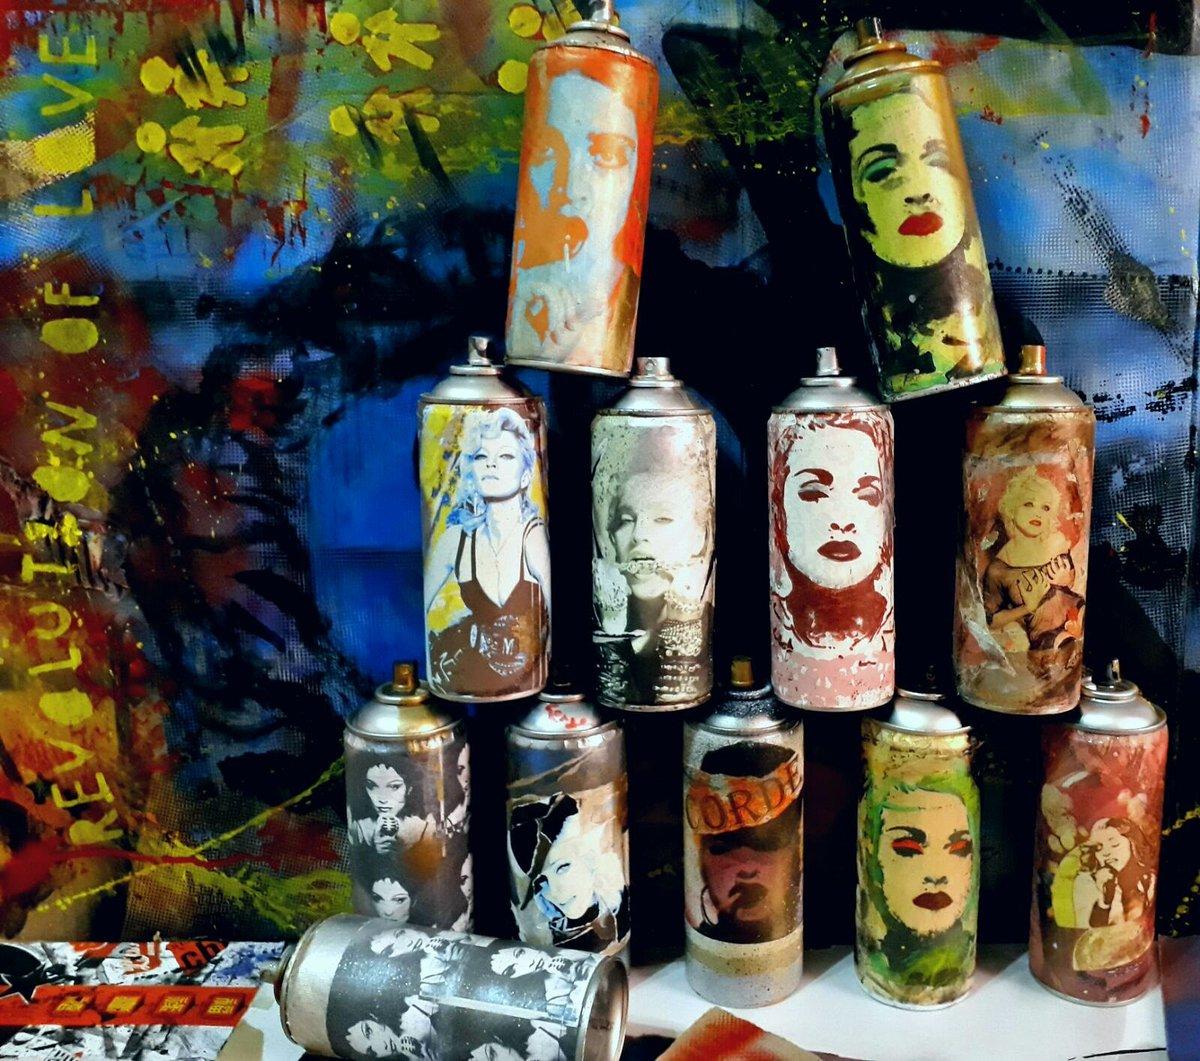 Rebel heart spray cans #Madonna by #CORDEart  #collage #streetart #graffiti  #arte #madonnafans #rebelheart #rebelhearttour #art #popart<br>http://pic.twitter.com/ONxmCDOFER